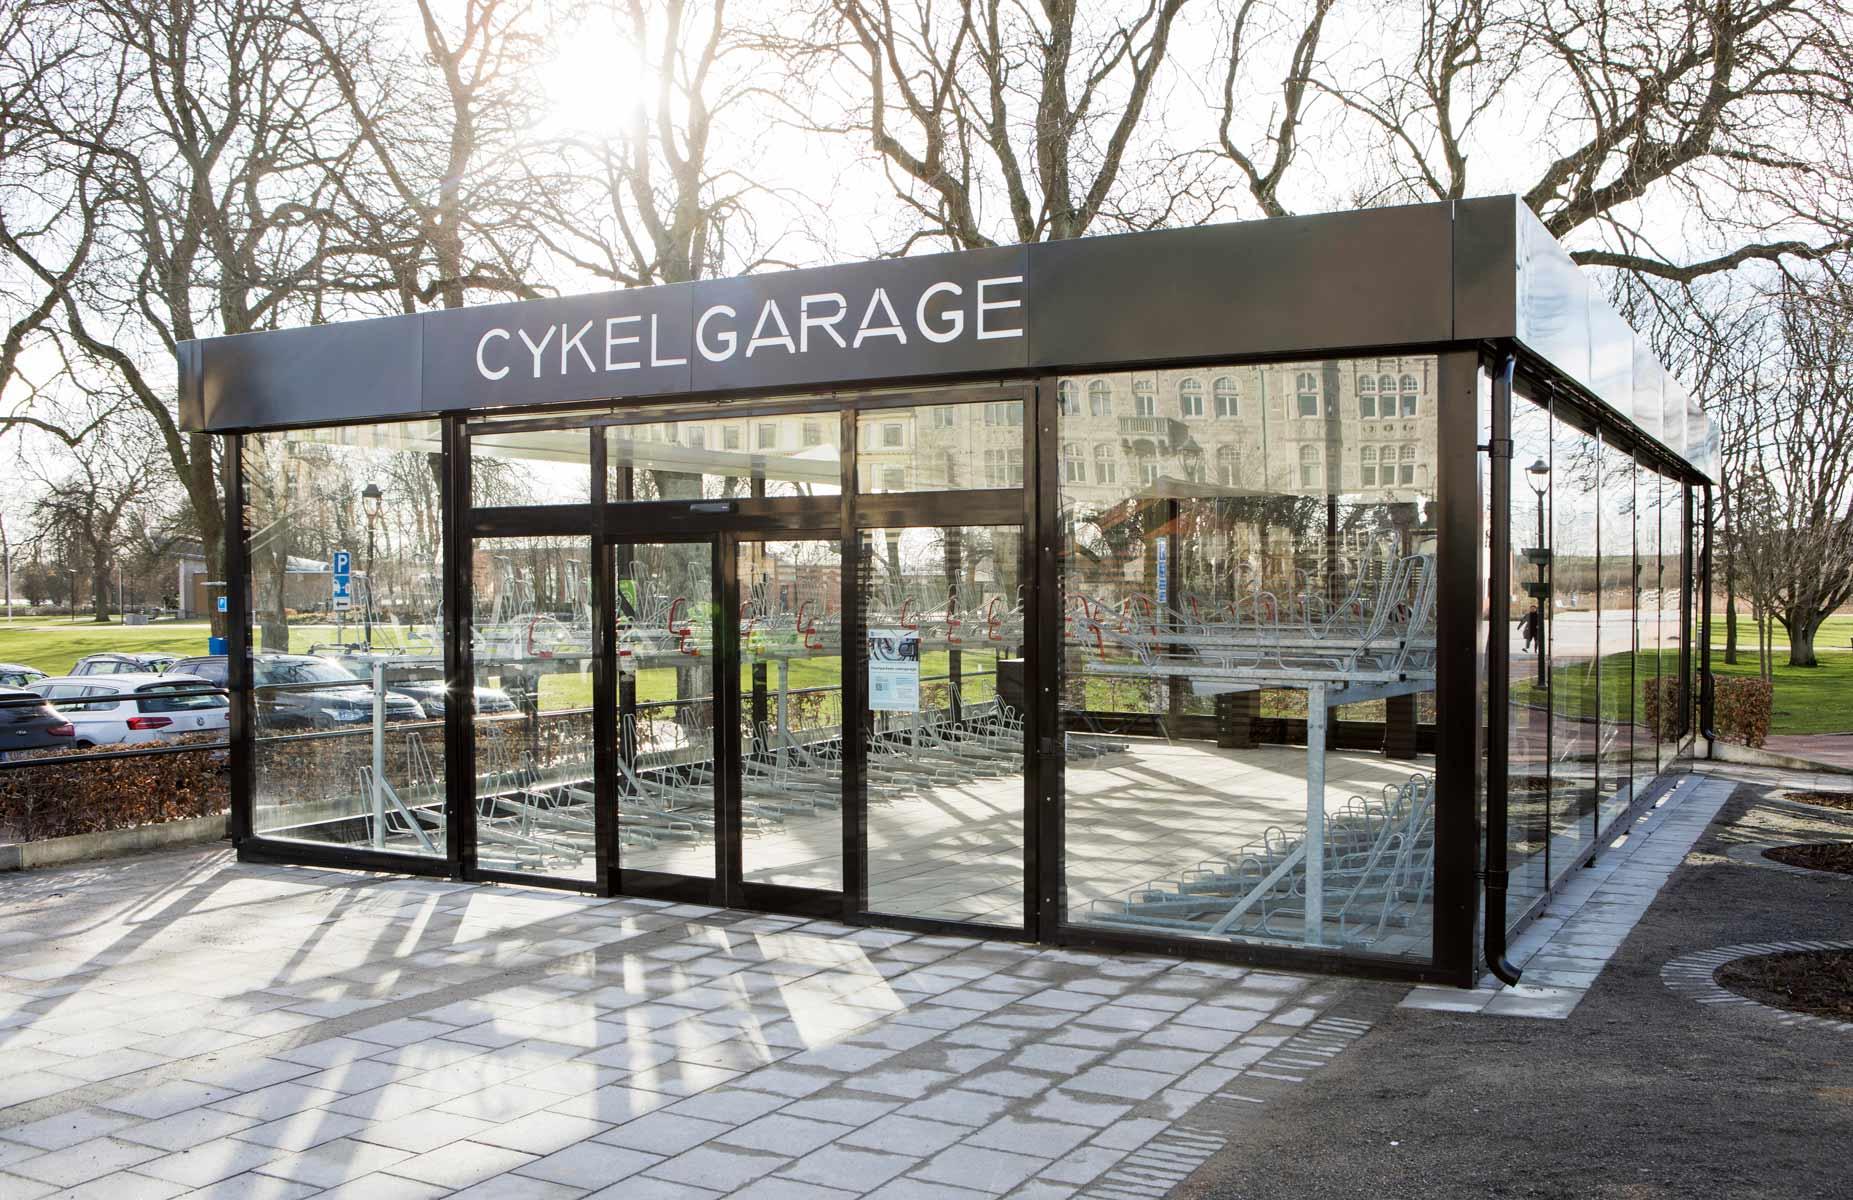 Vid LINK cykelgarage kan man parkera och utföra cykelservice på sin cykel